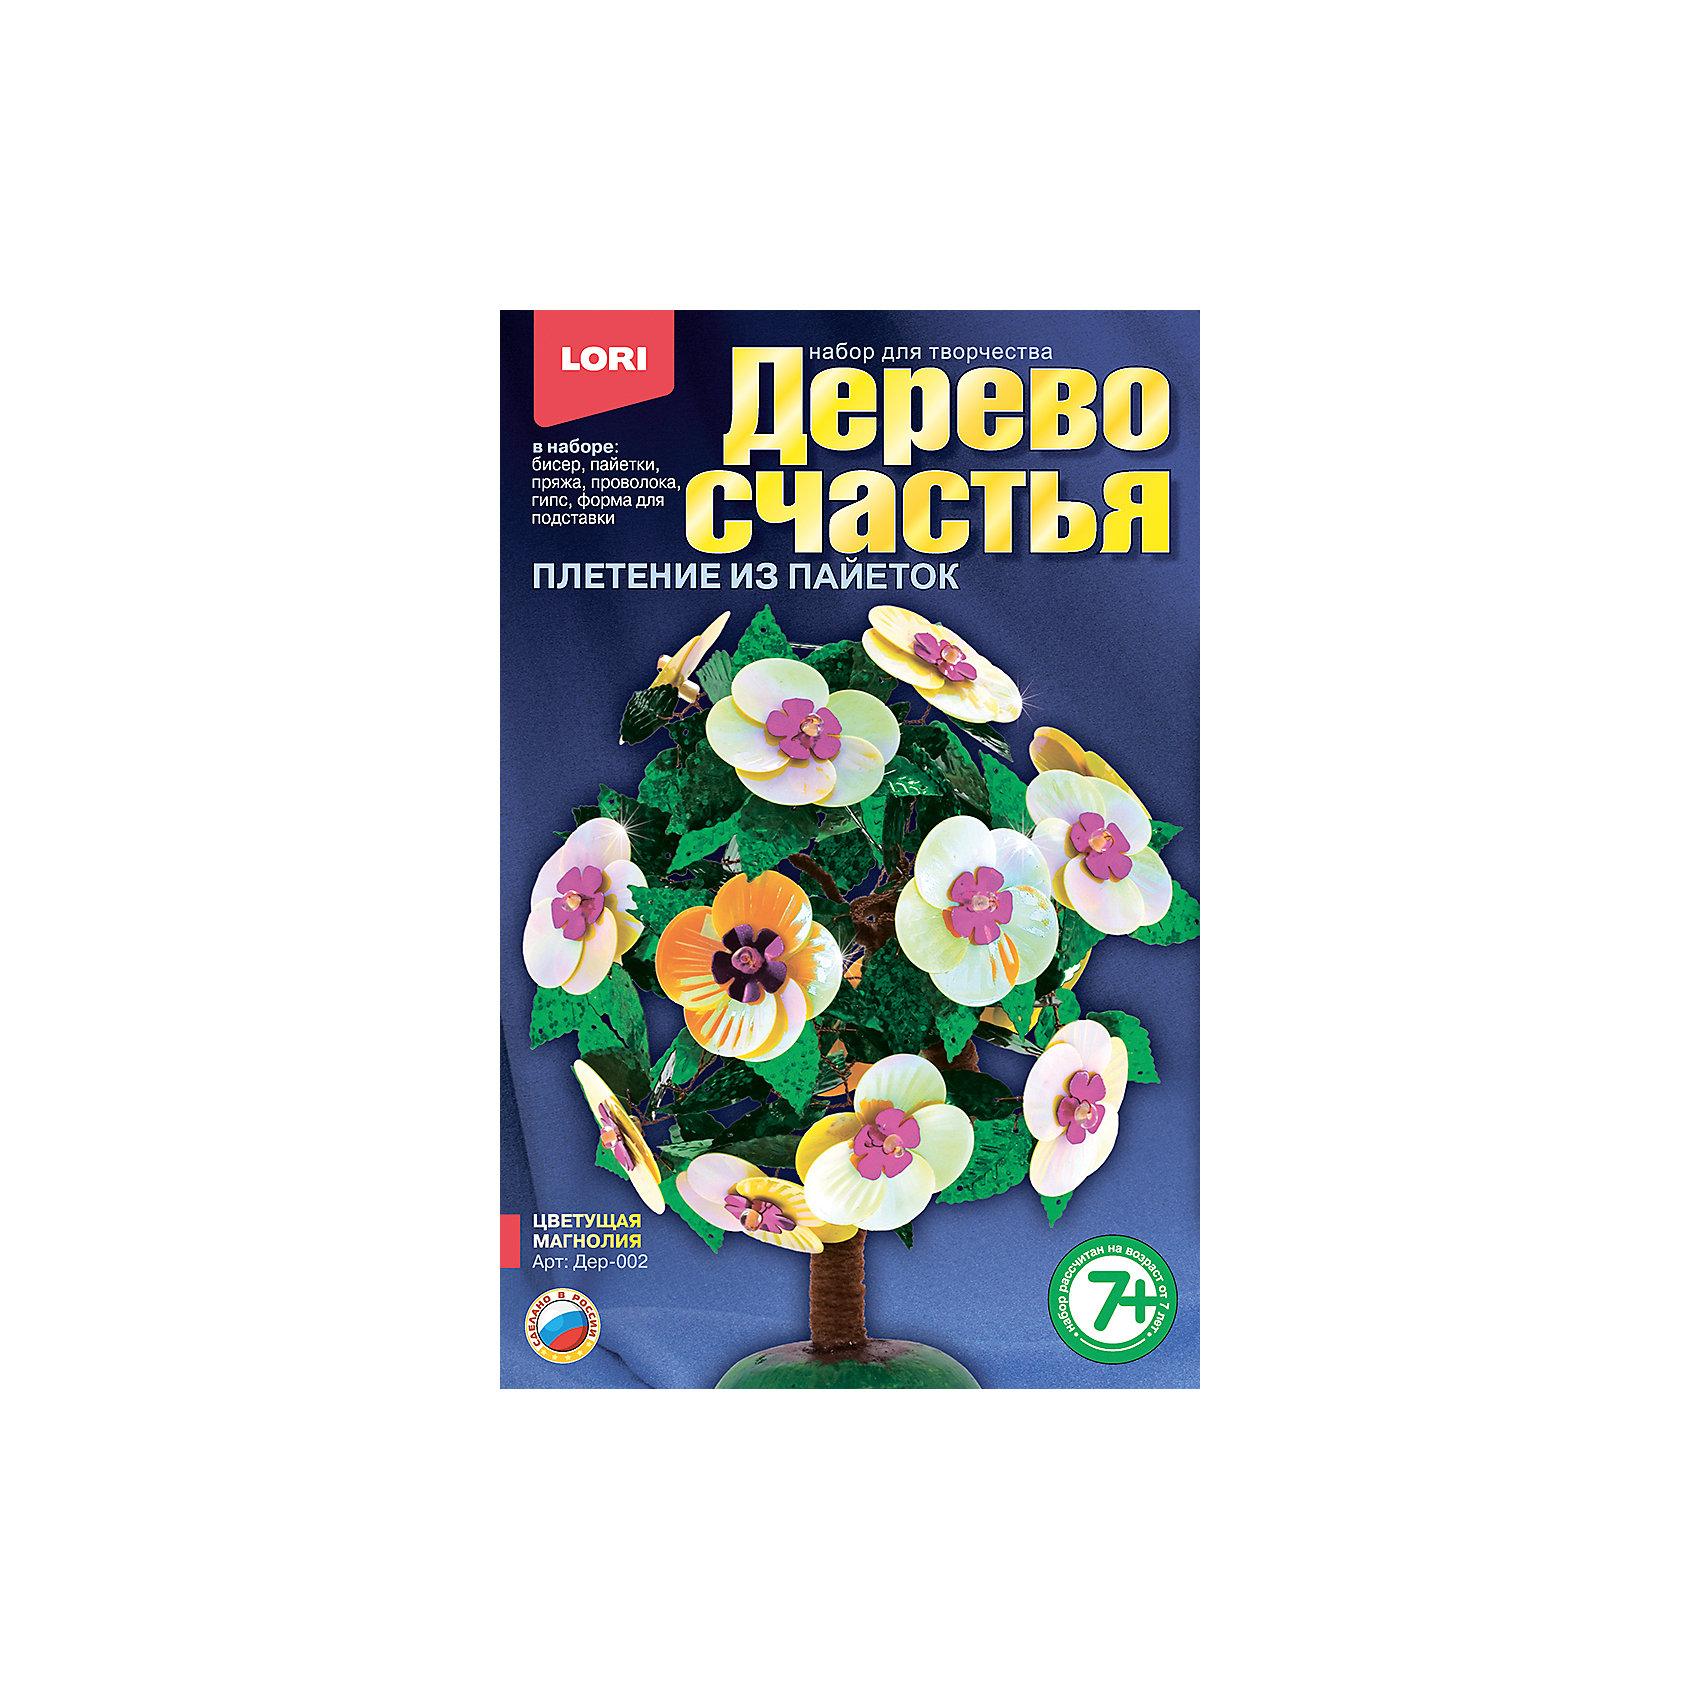 LORI Дерево счастья Цветущая магнолия lori набор для рукоделия дерево счастья сакура